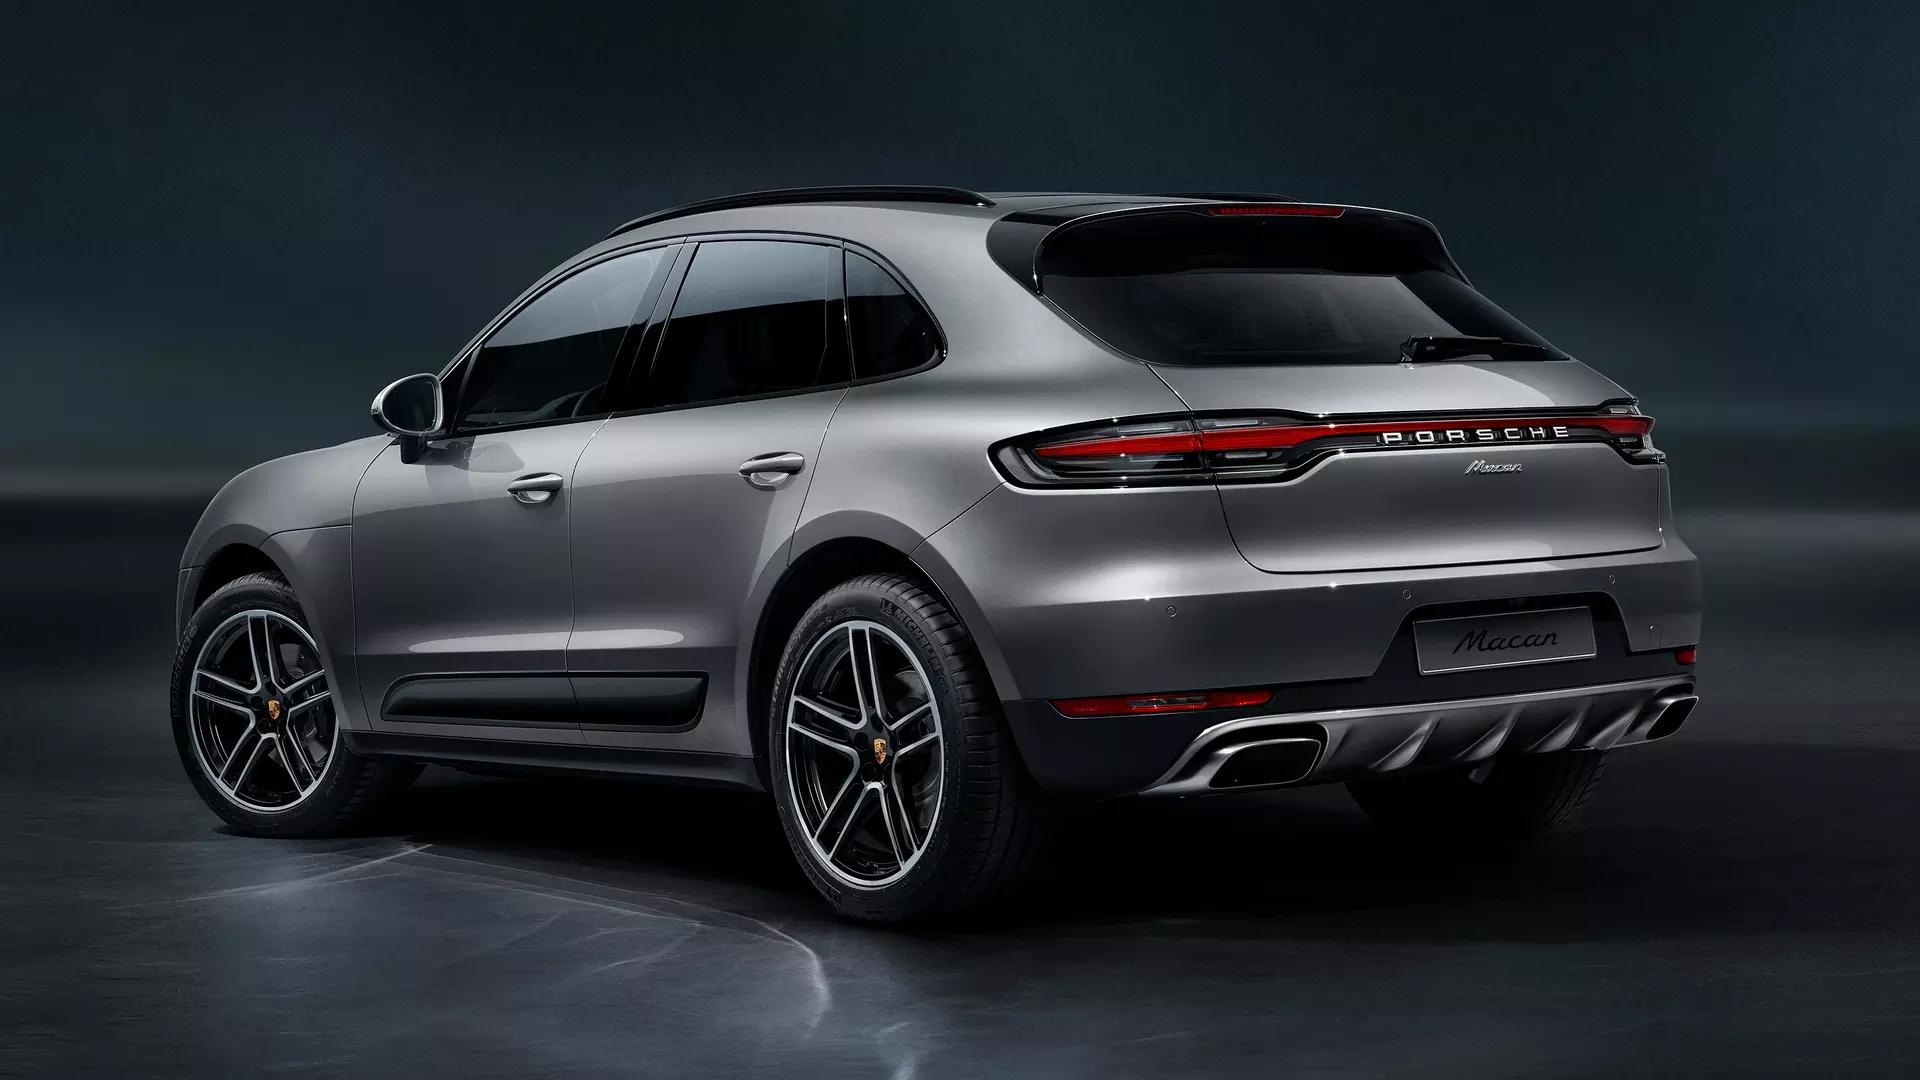 2019 Porsche Macan Rear Exterior